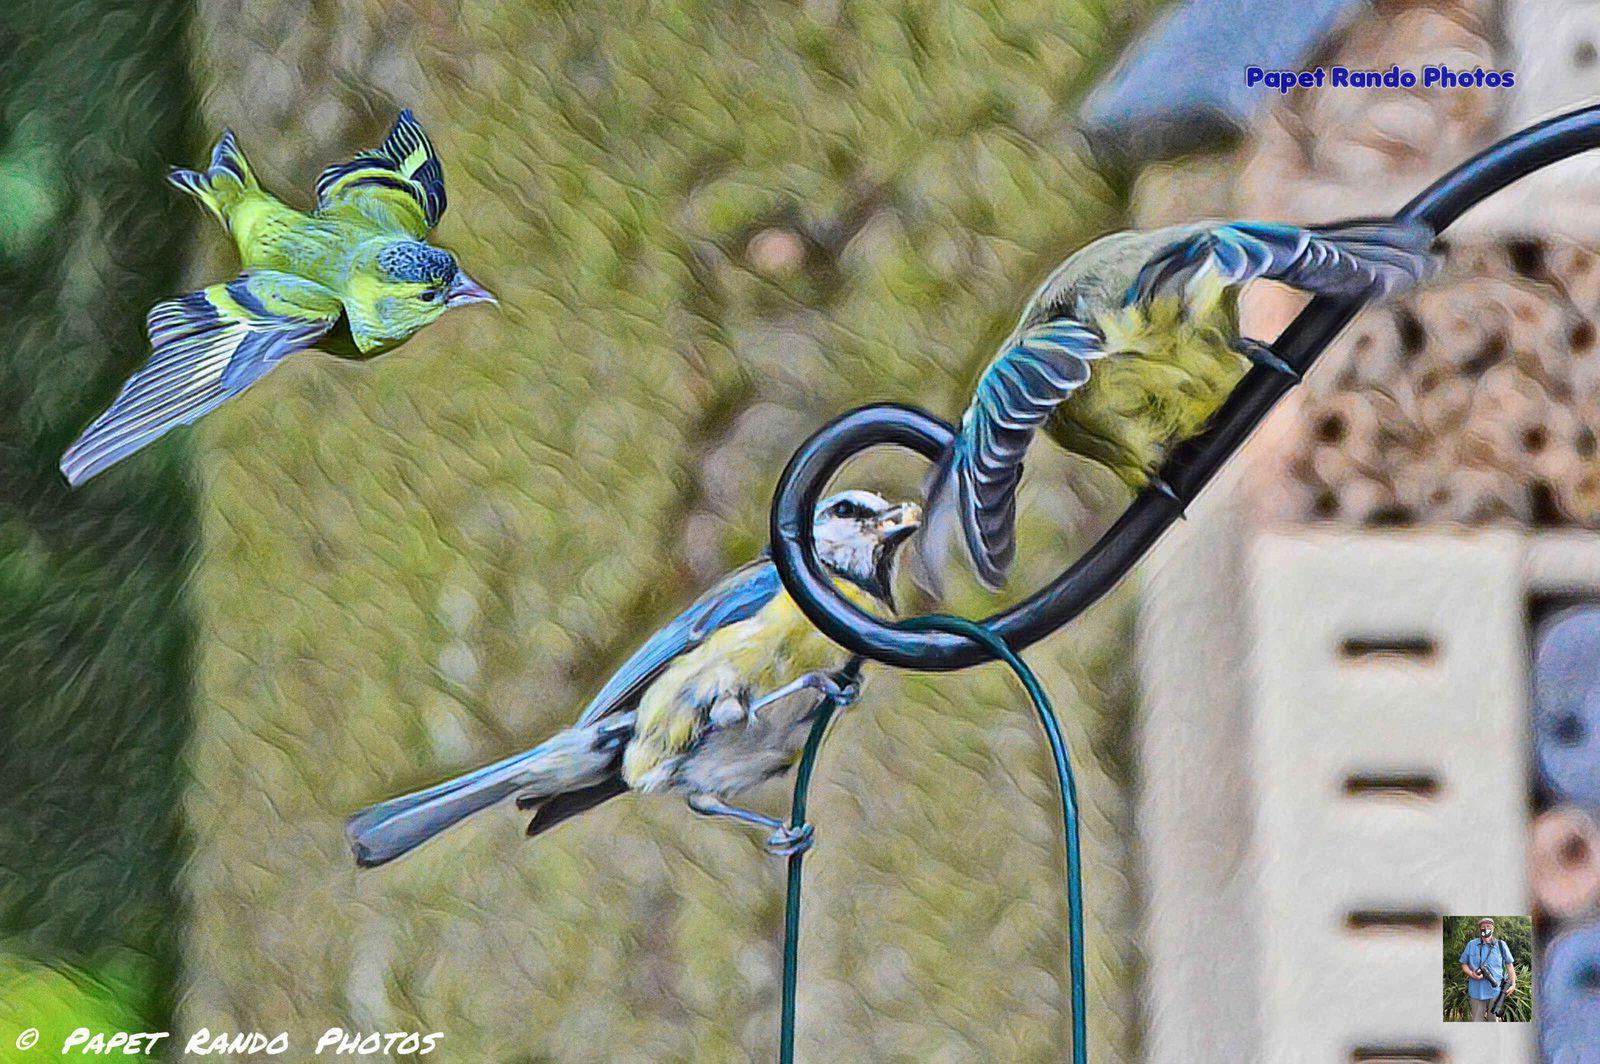 Deux journées , au nouveau coin, photos d'oiseaux  du jardin,  speciale heure du repas, des nouveaux venus